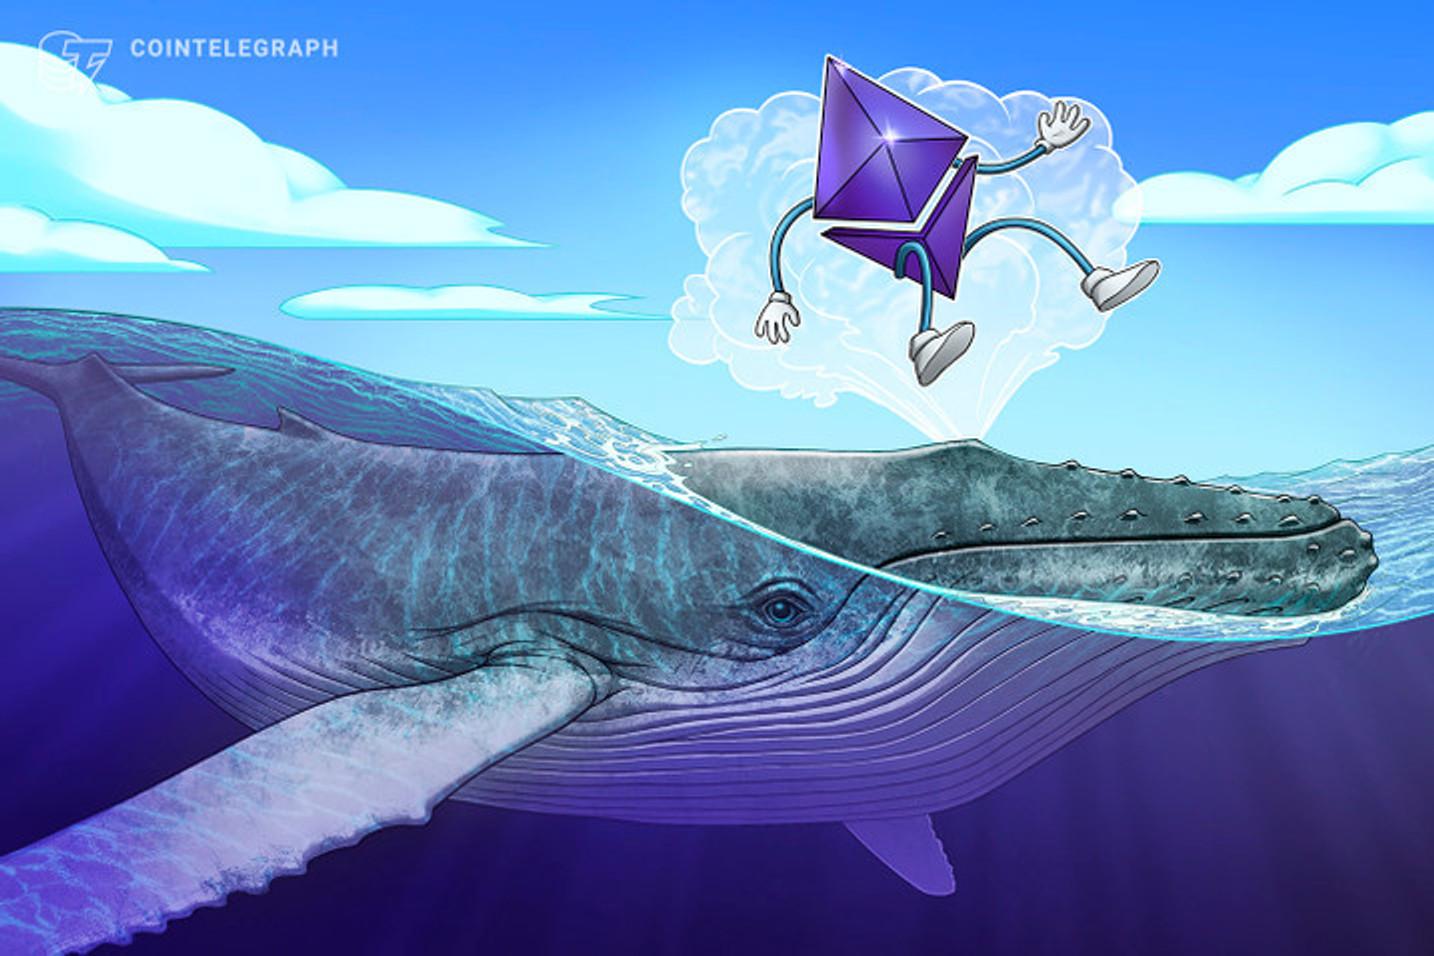 En büyük 10 Ethereum balinası, toplam arzın yüzde 20'sini elinde bulunduruyor!